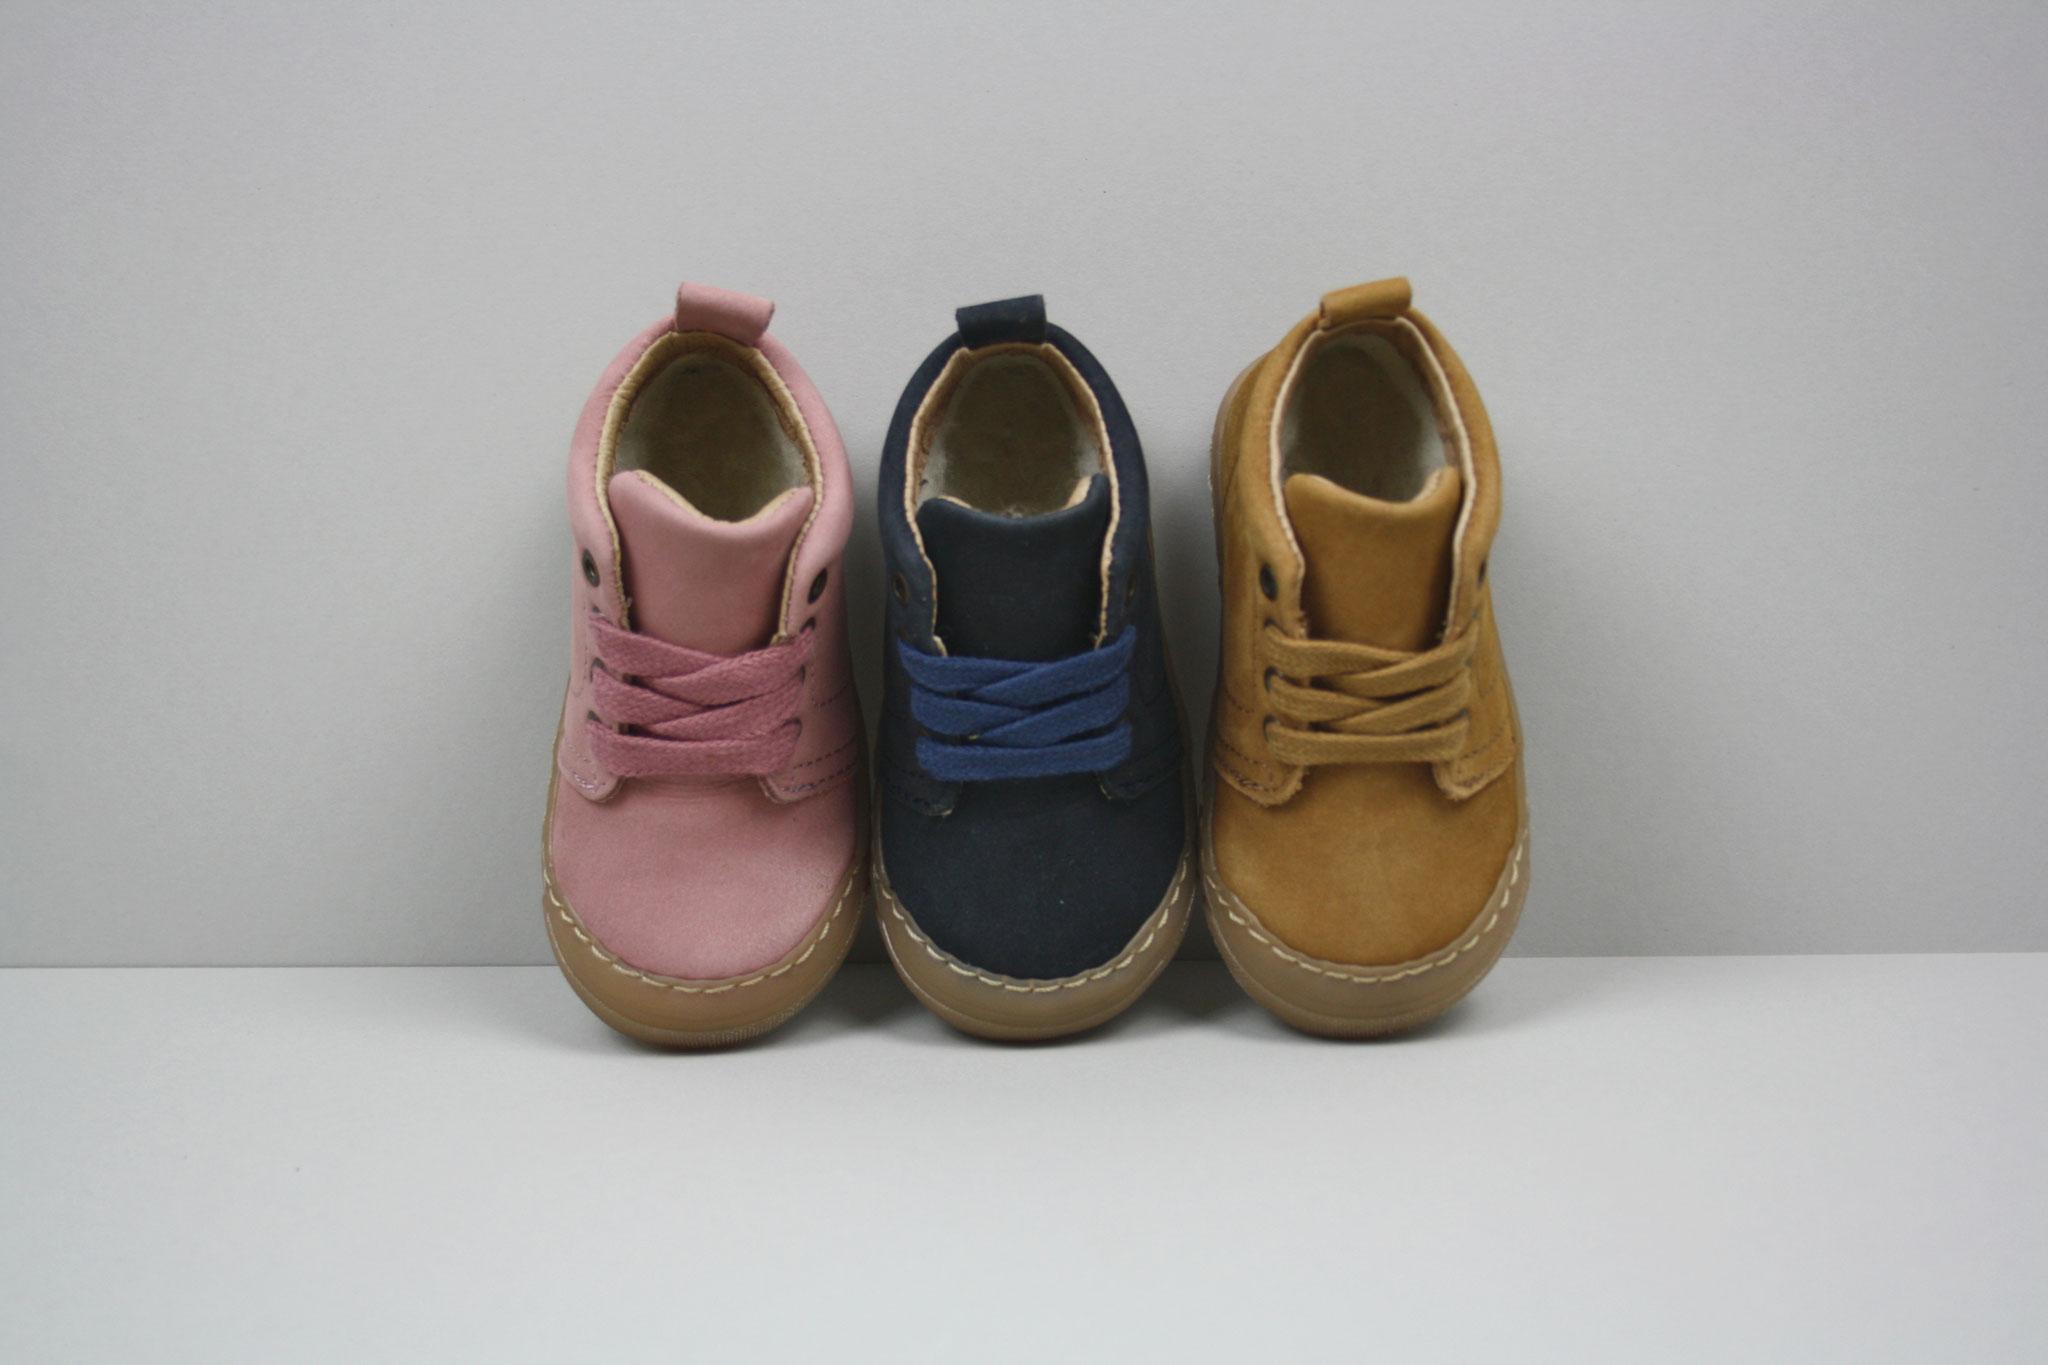 separation shoes 08945 dbca9 Kinderschuhe mit Qualität, Fairness und Wert! - Lotta&Emil